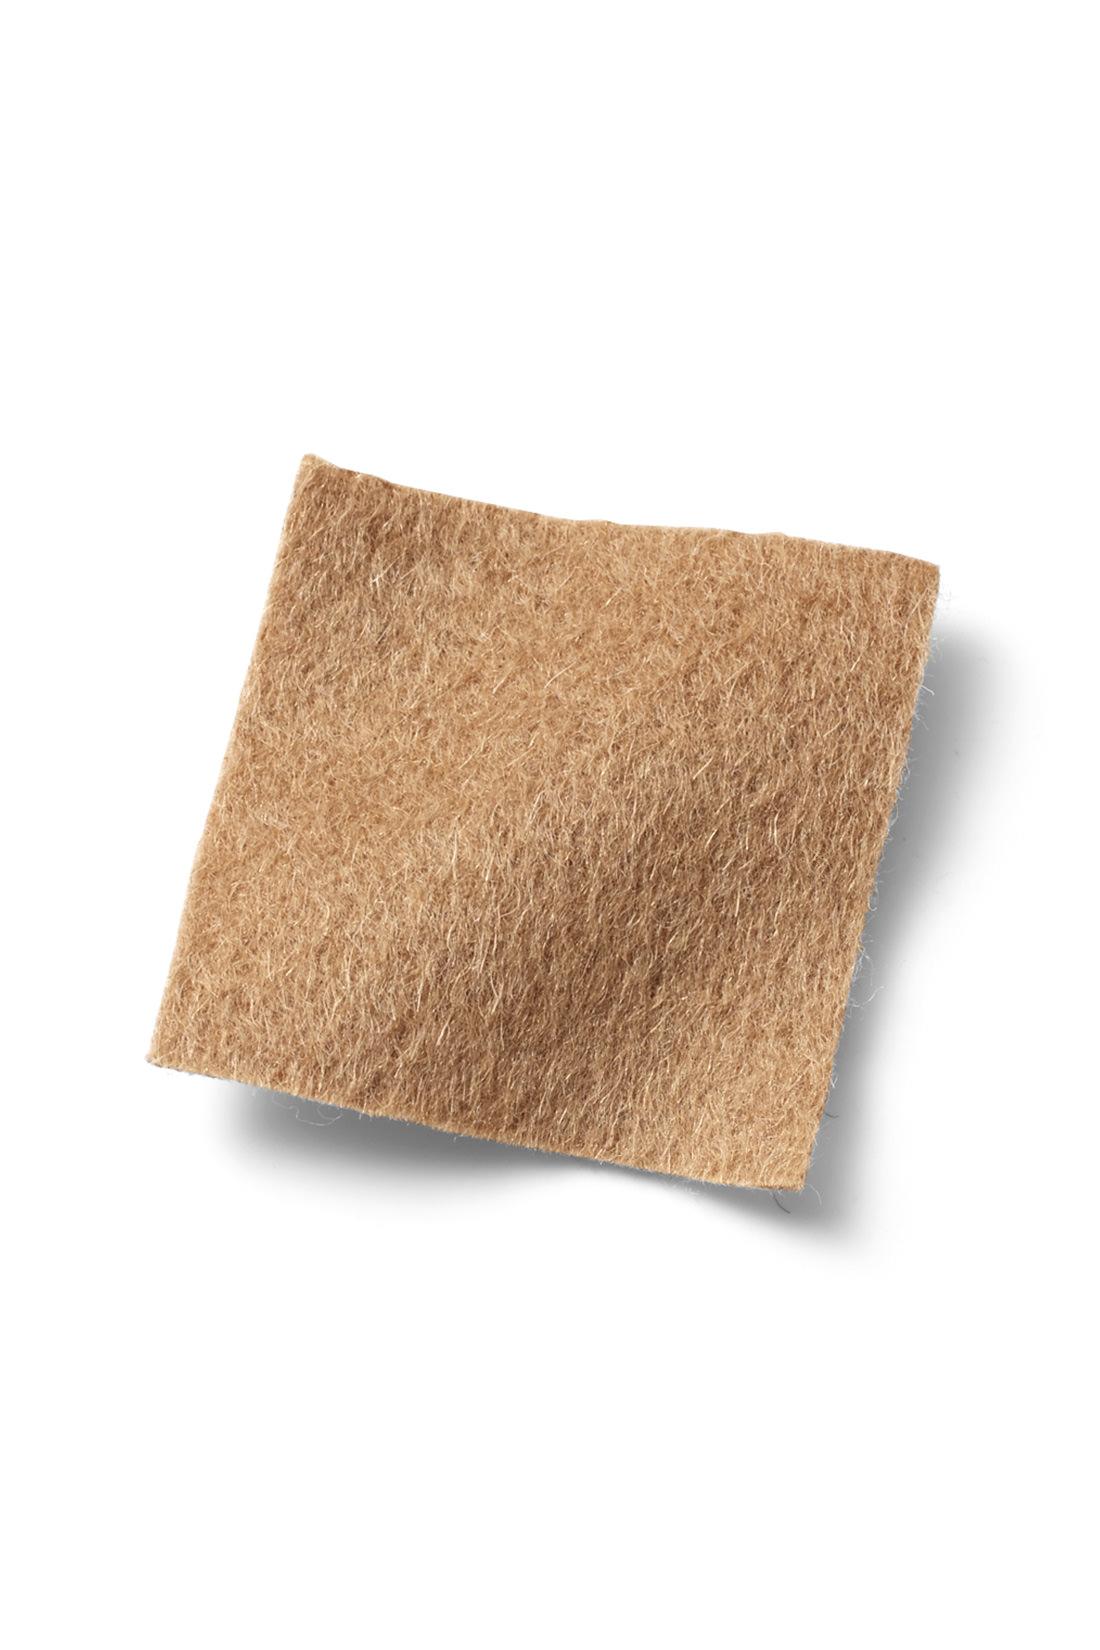 ほどよい厚みのメルトン素材 表面感が上品で、長いシーズン着まわしやすい、厚みもライトなメルトン素材を使用。裏地付きなので一枚でも安心。